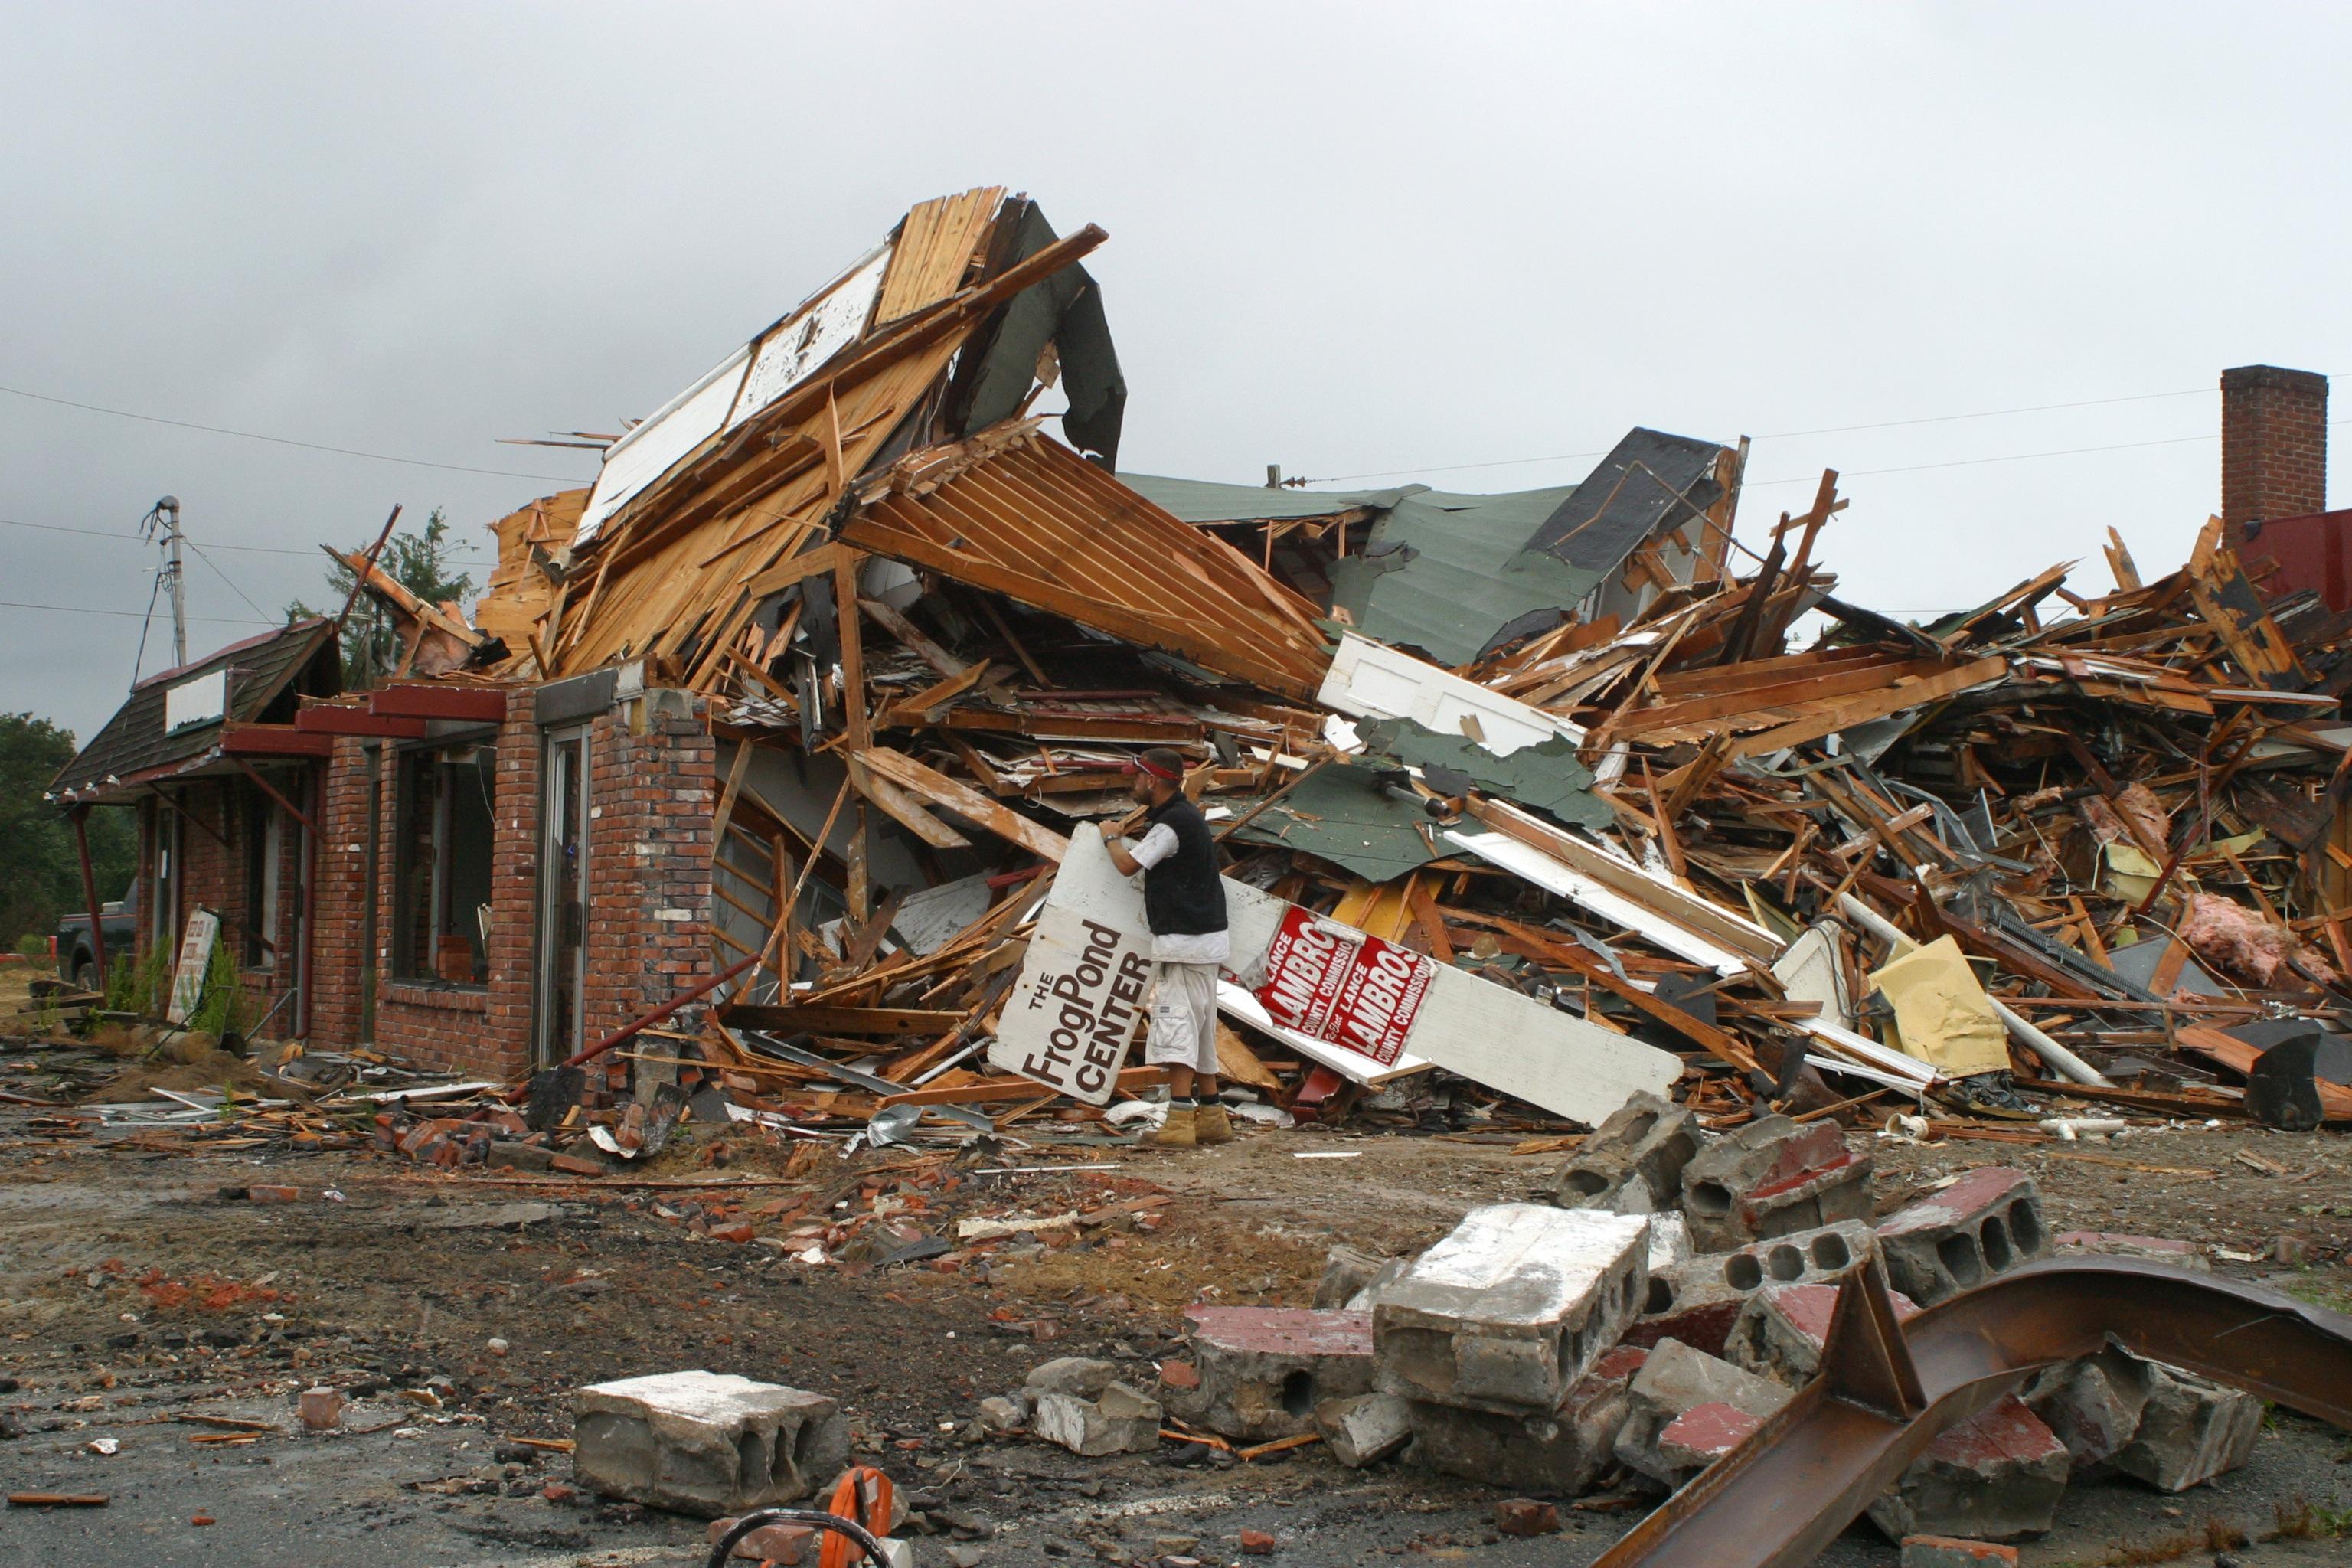 kostenlose foto schutt katastrophe zerst rung abriss erdbeben schrott zerst ren. Black Bedroom Furniture Sets. Home Design Ideas